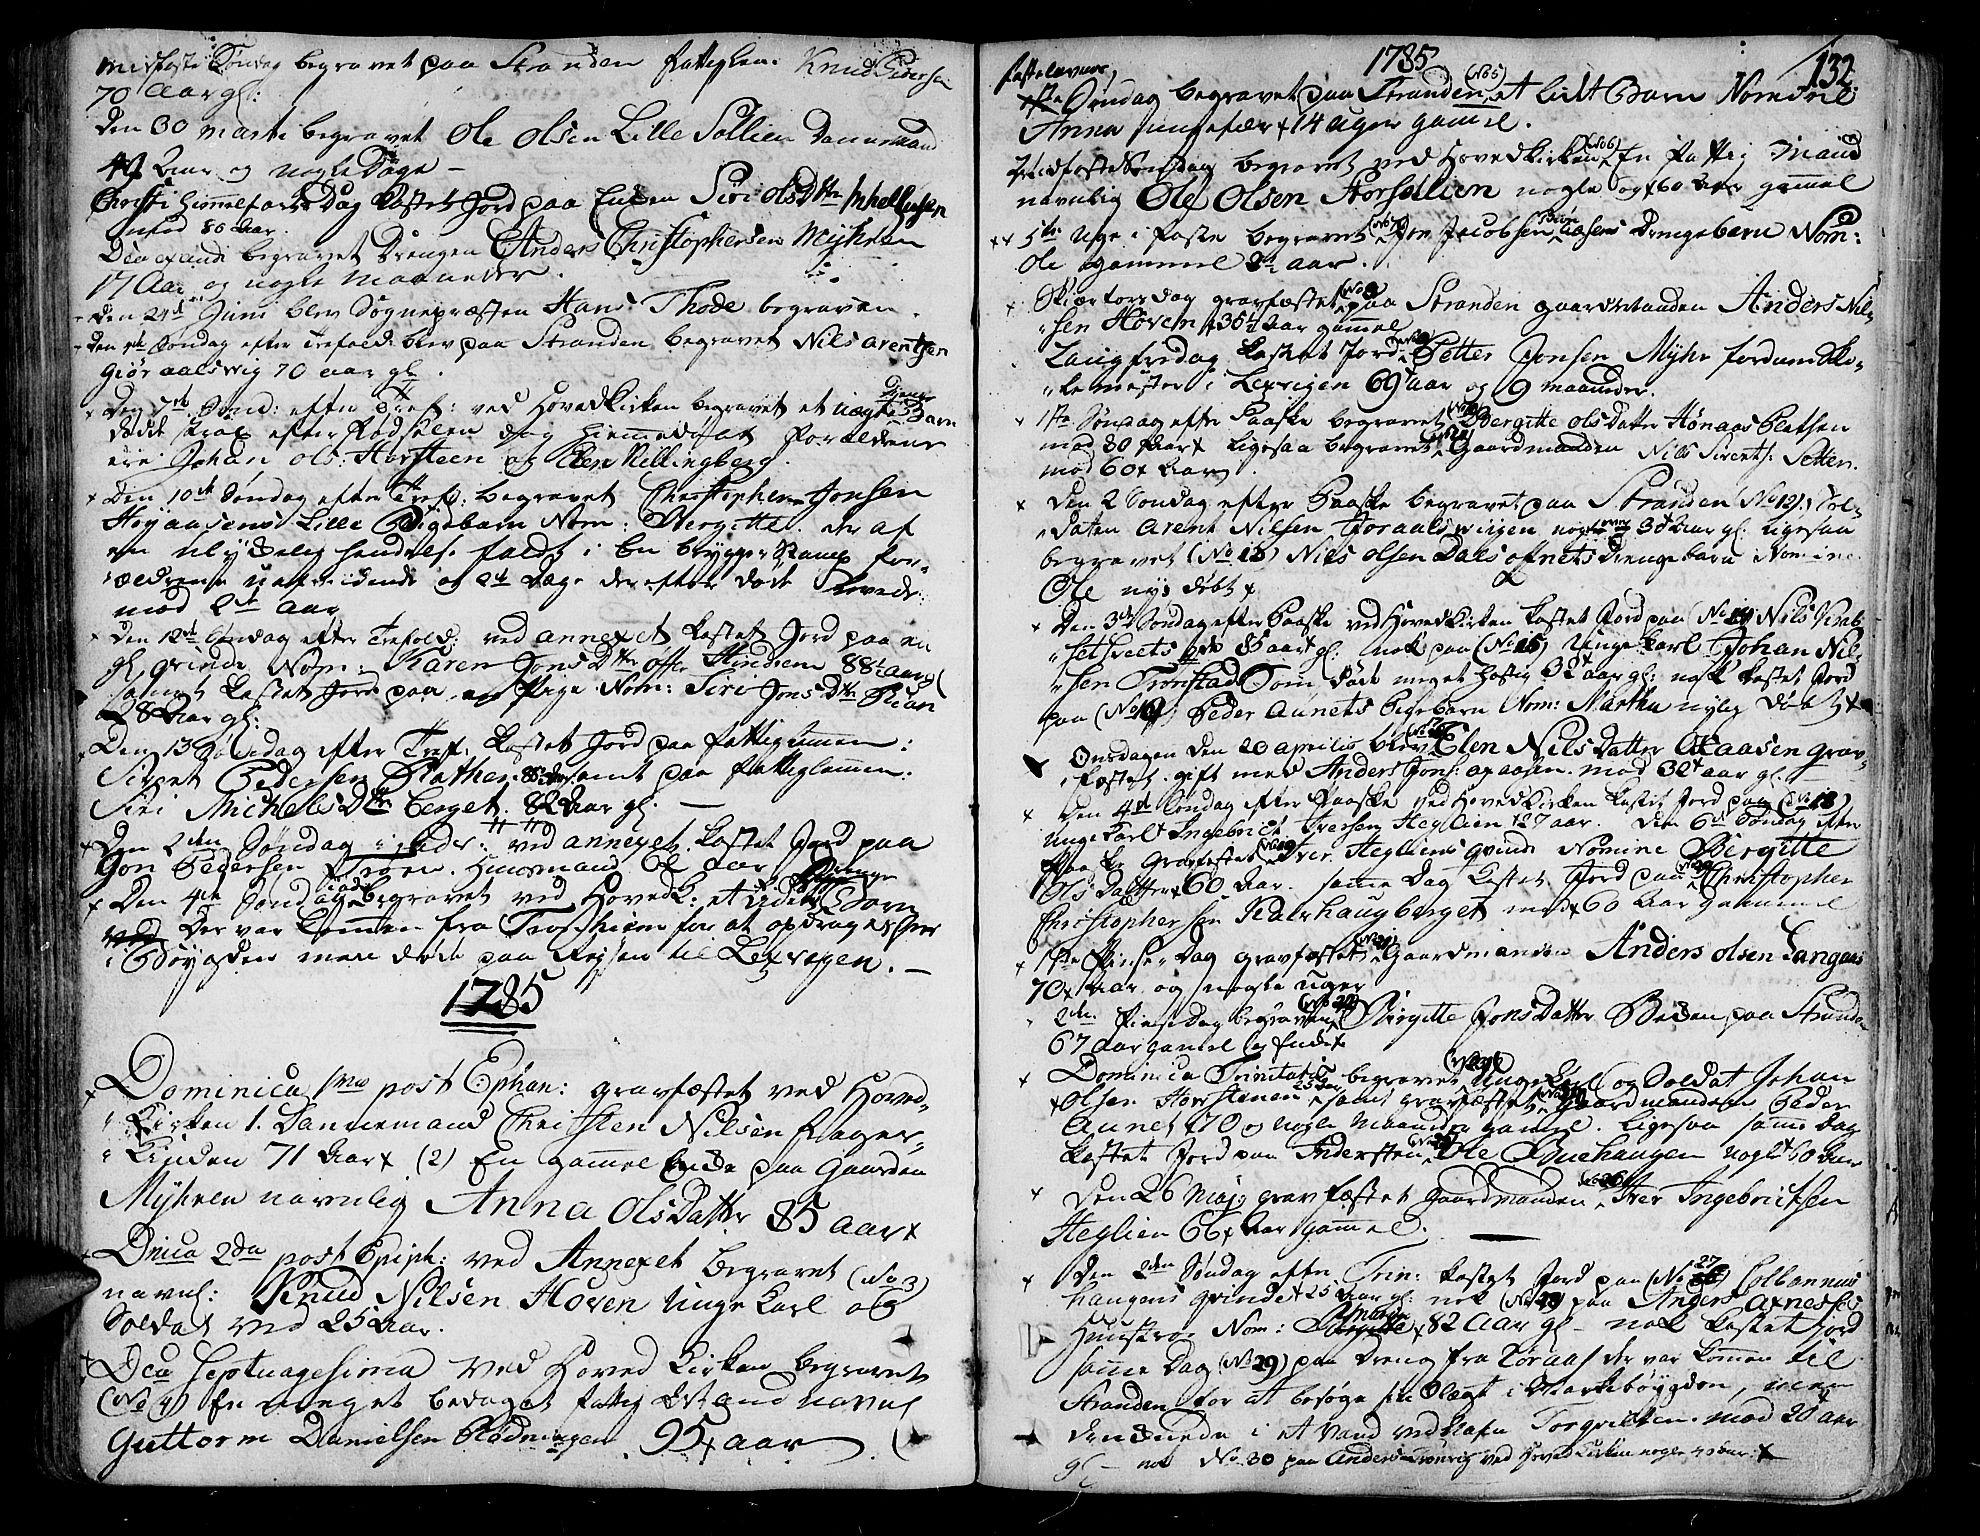 SAT, Ministerialprotokoller, klokkerbøker og fødselsregistre - Nord-Trøndelag, 701/L0004: Ministerialbok nr. 701A04, 1783-1816, s. 132